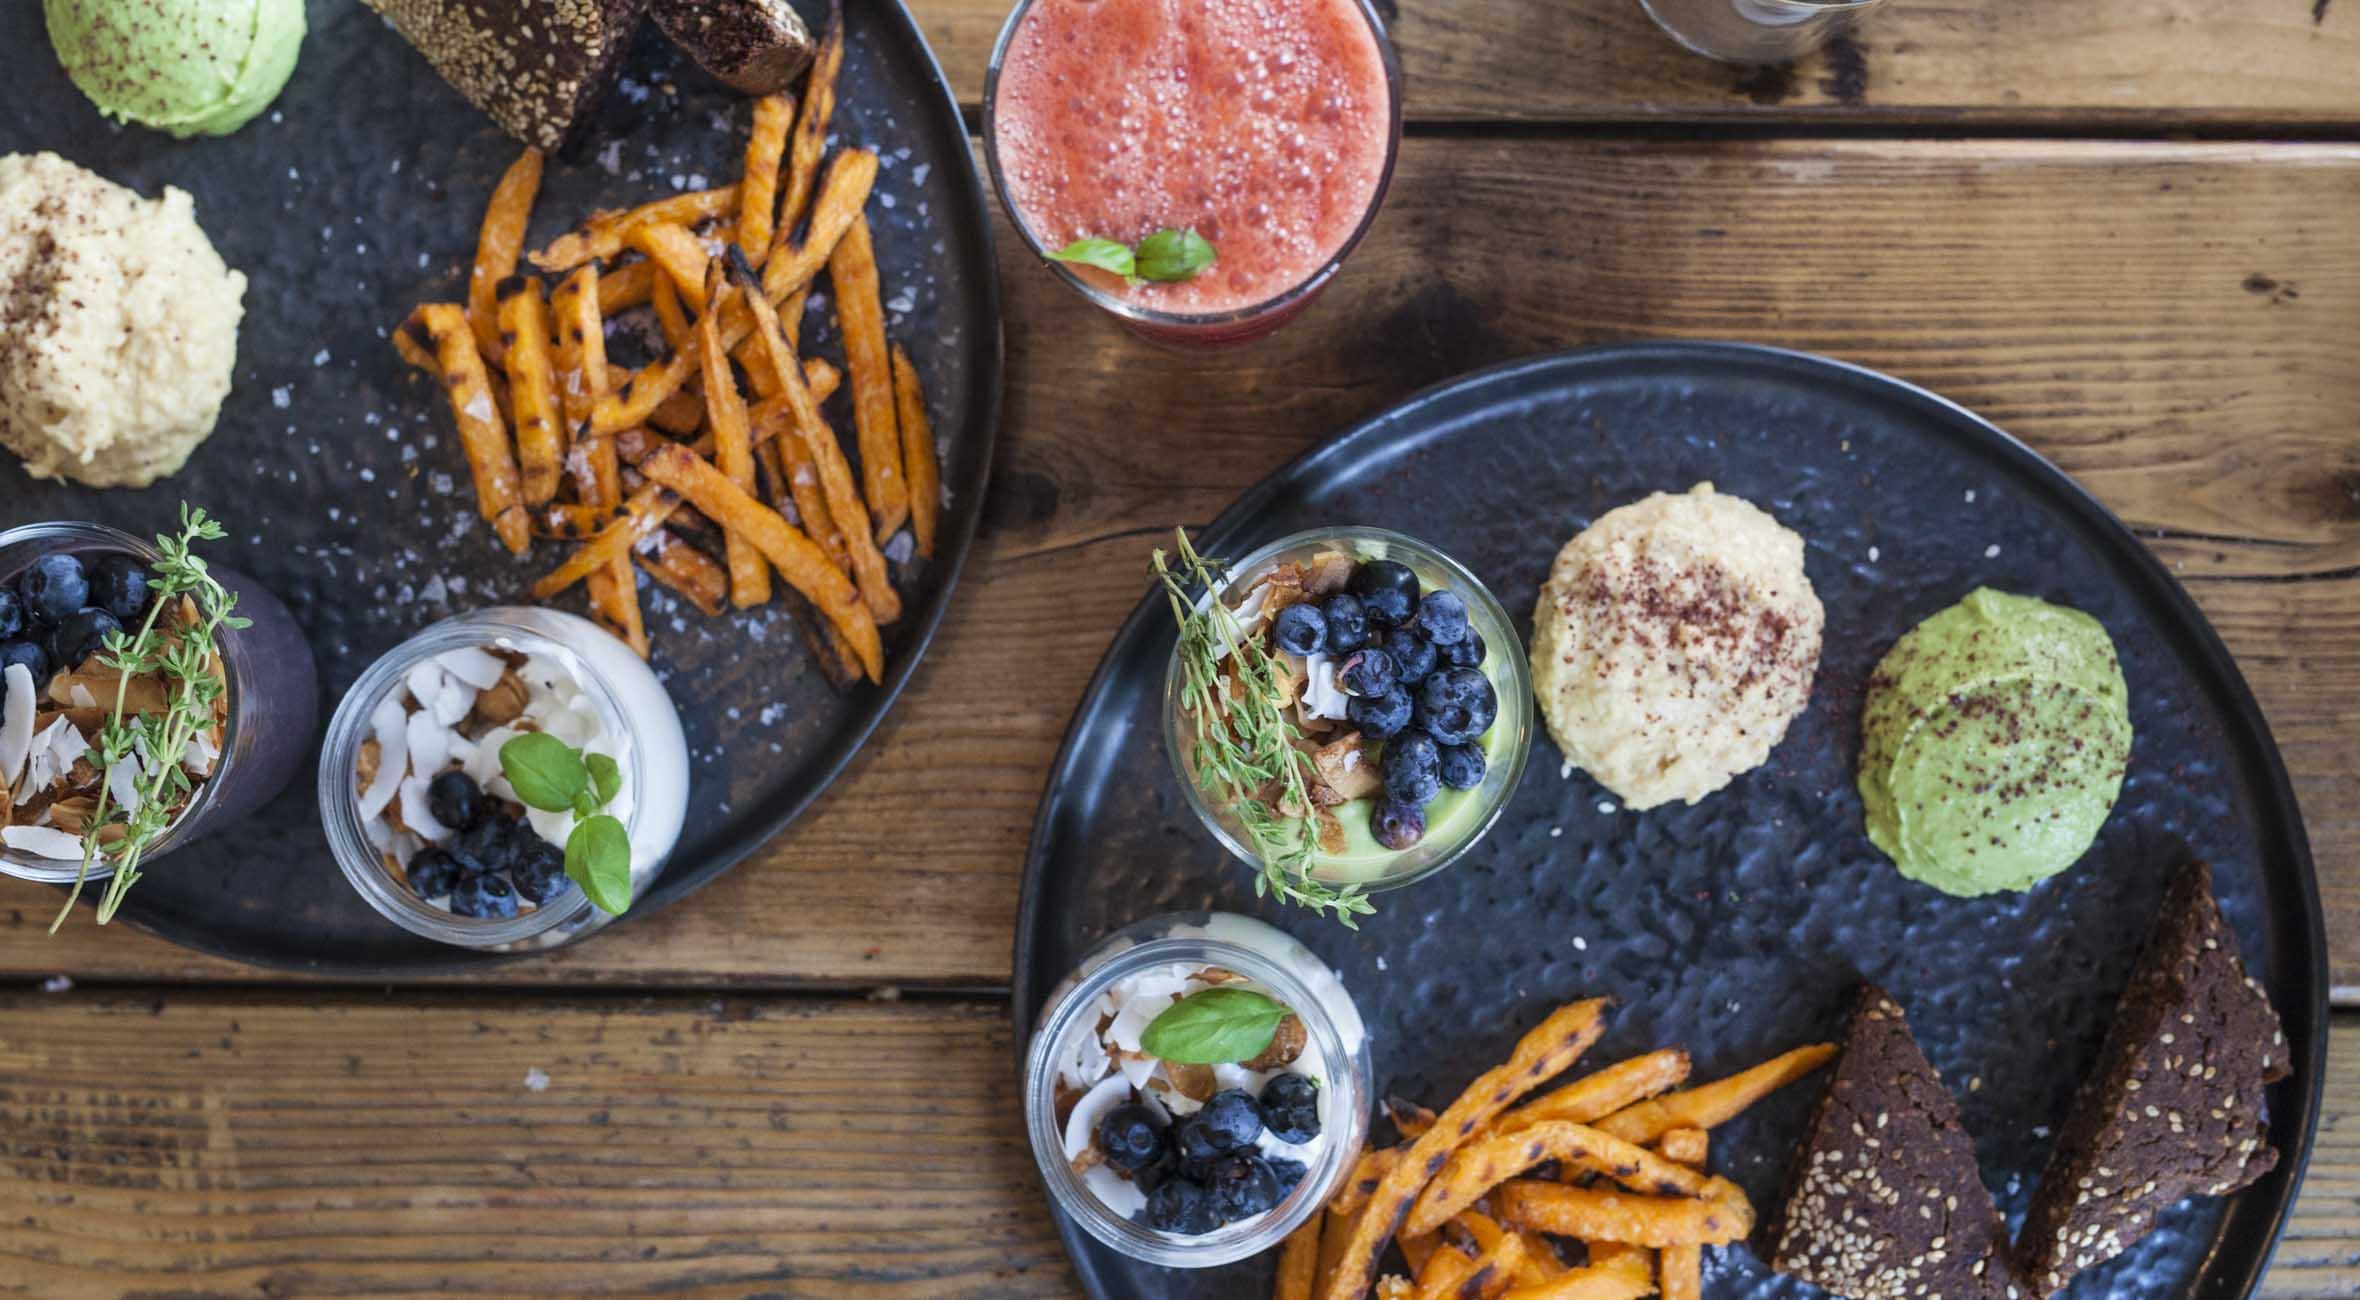 2 x vegansk brunch hos Hope – Få anmelderrost brunch serveret i solskin og dagligstuehygge i én af byens hippeste caféer